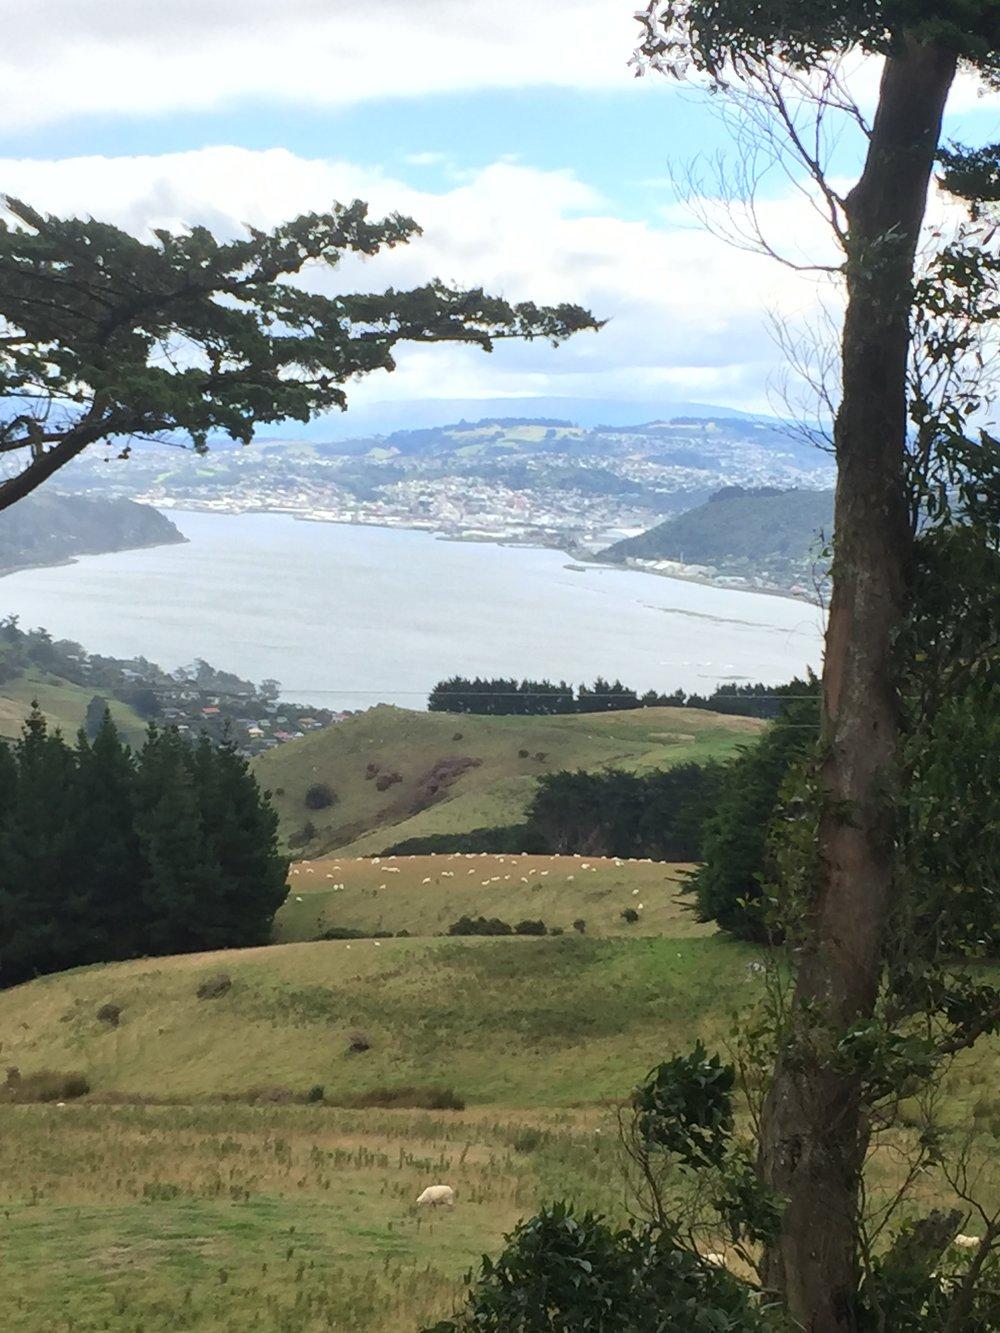 A view of Dunedin